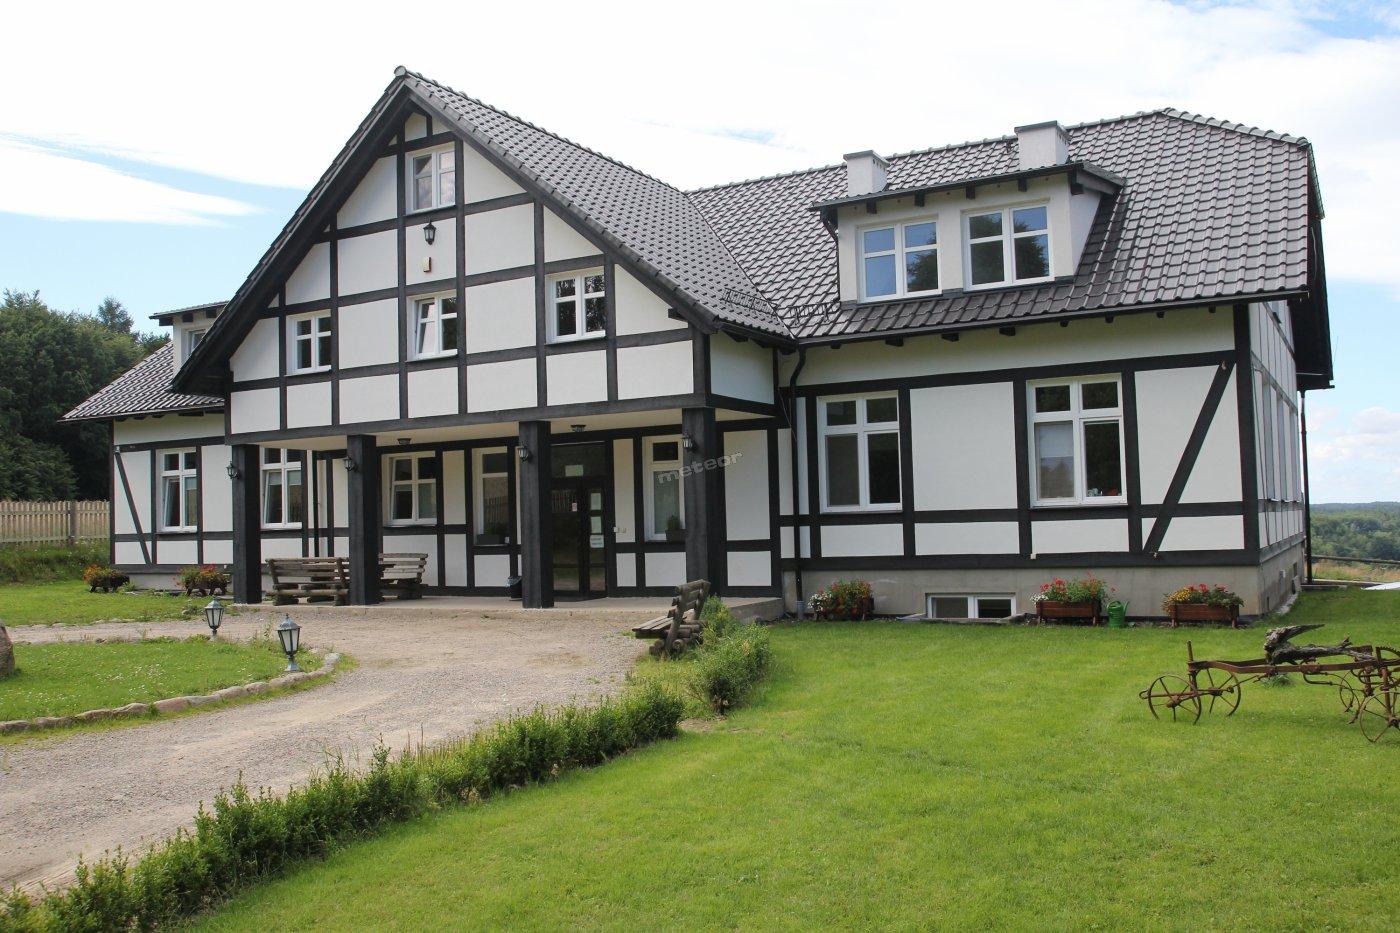 Dom za Stodołą